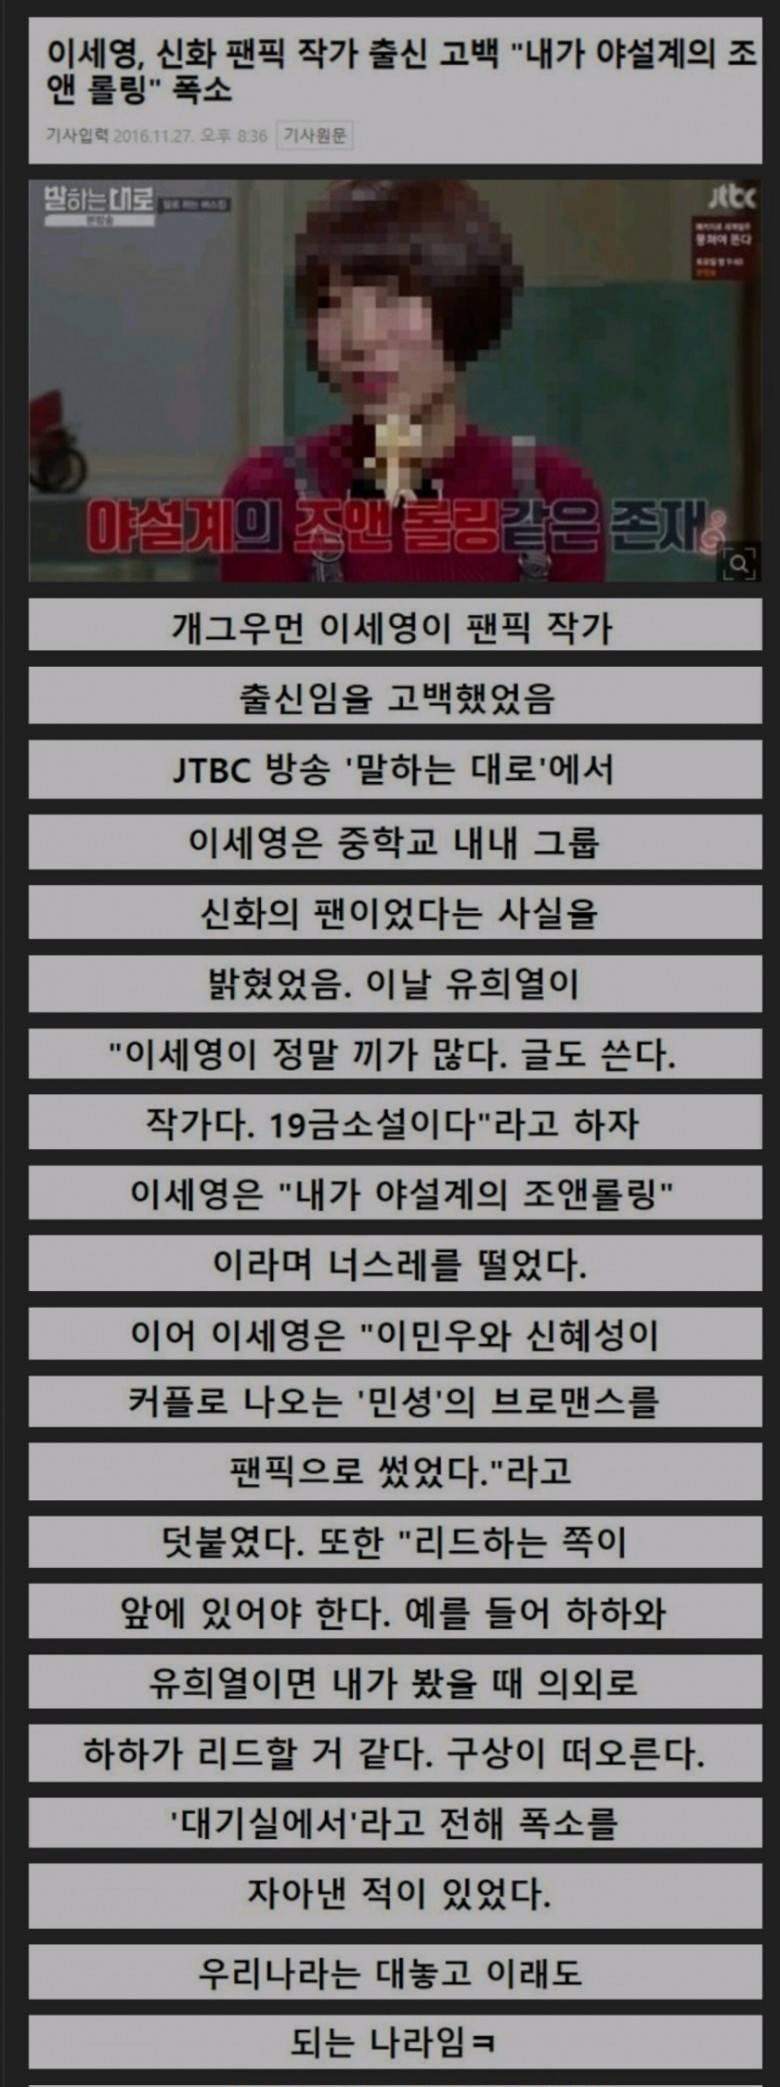 뒤늦게 재조명되는 아이돌 팬픽 작가 출신 연예인.jpg